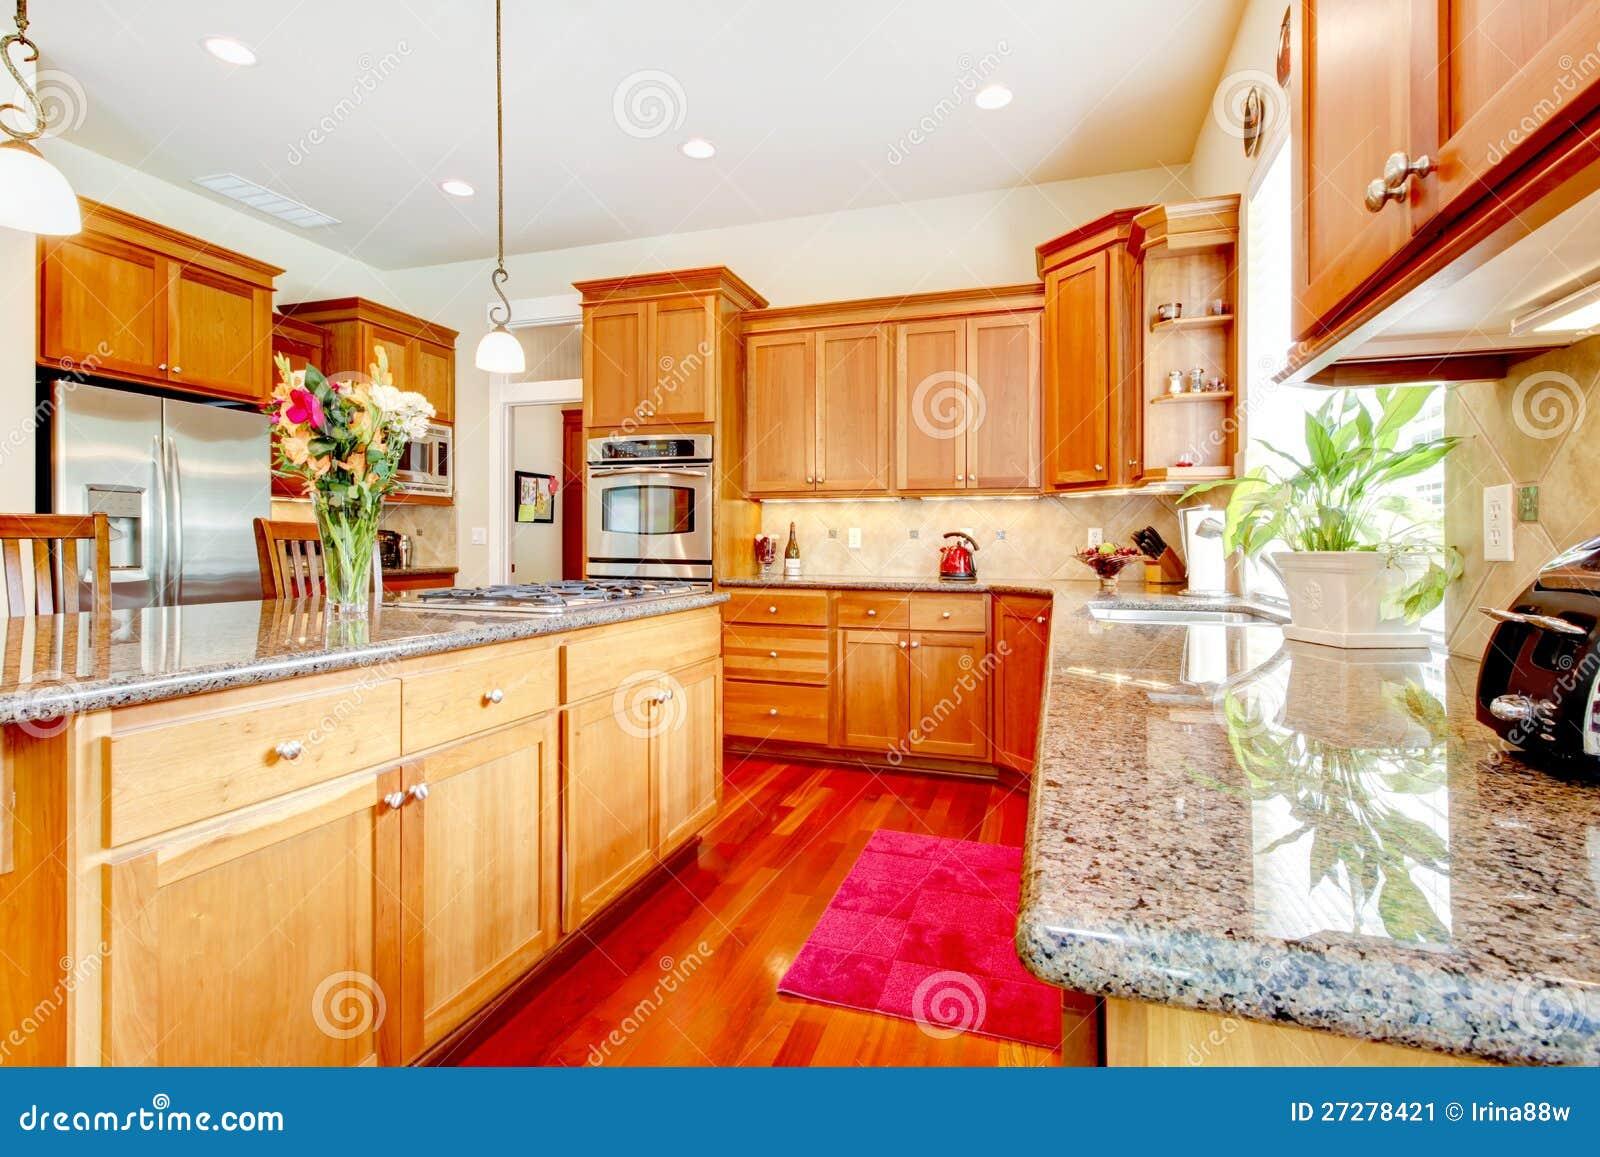 Houten luxe grote keuken met rood en graniet.